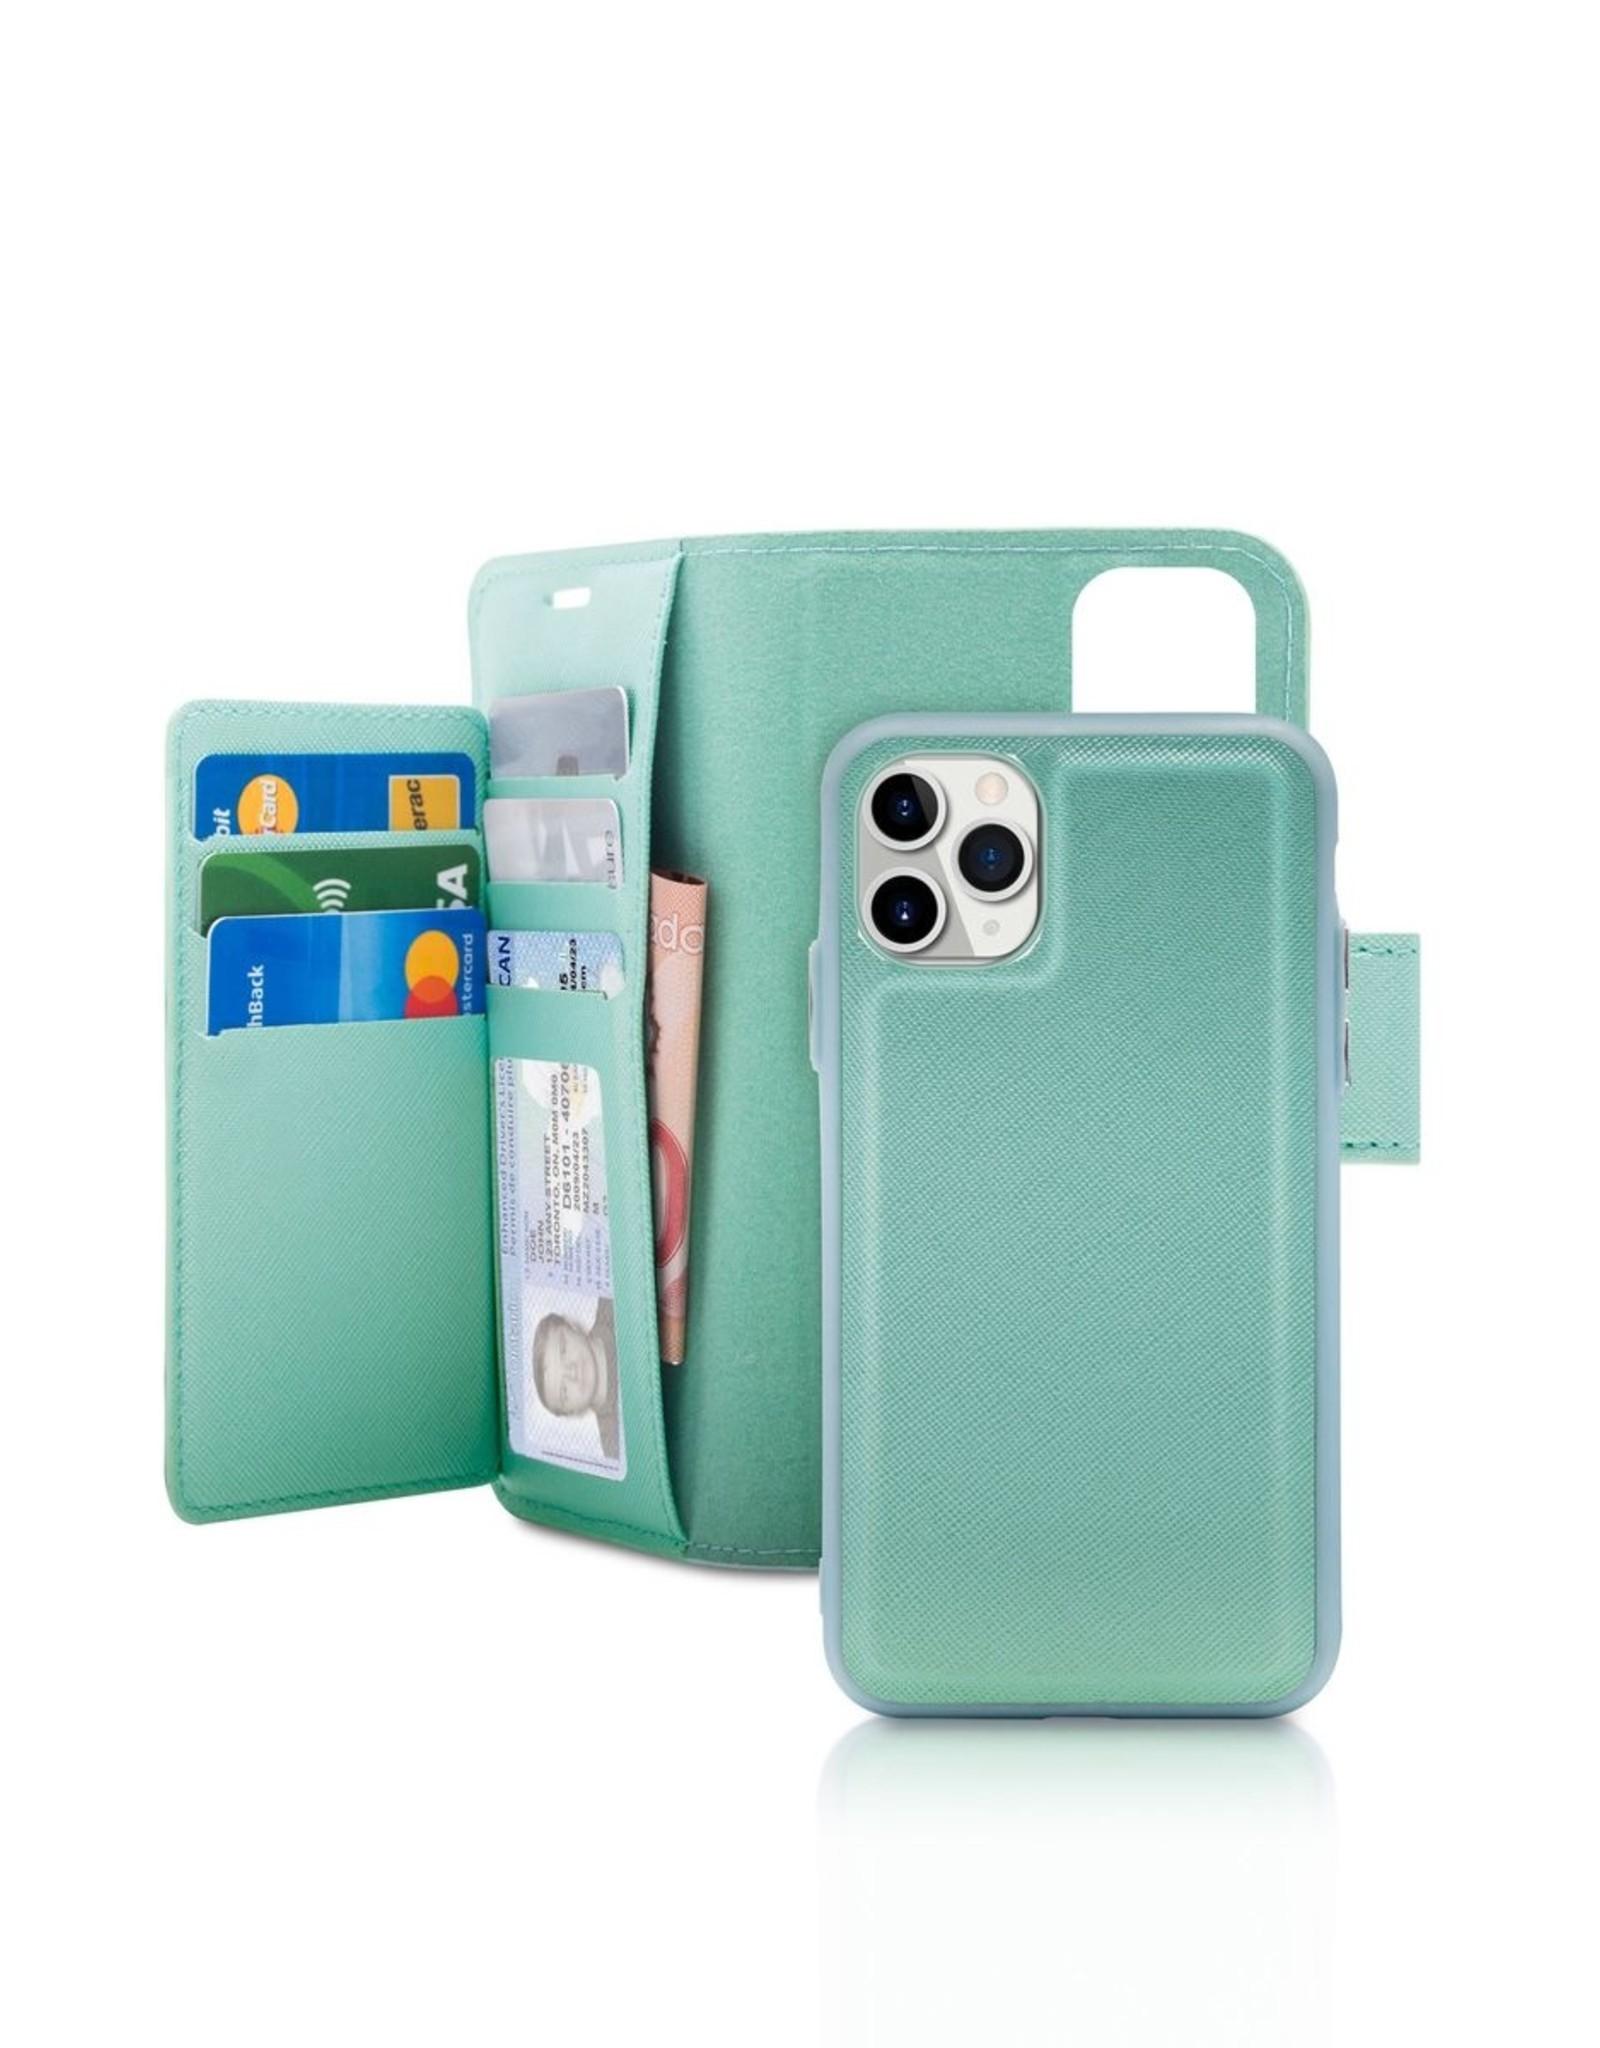 Caseco Caseco   Sunset Blvd 2-in-1 RFID Blocking Folio Case - iPhone 11 Pro Turquoise C3506-01